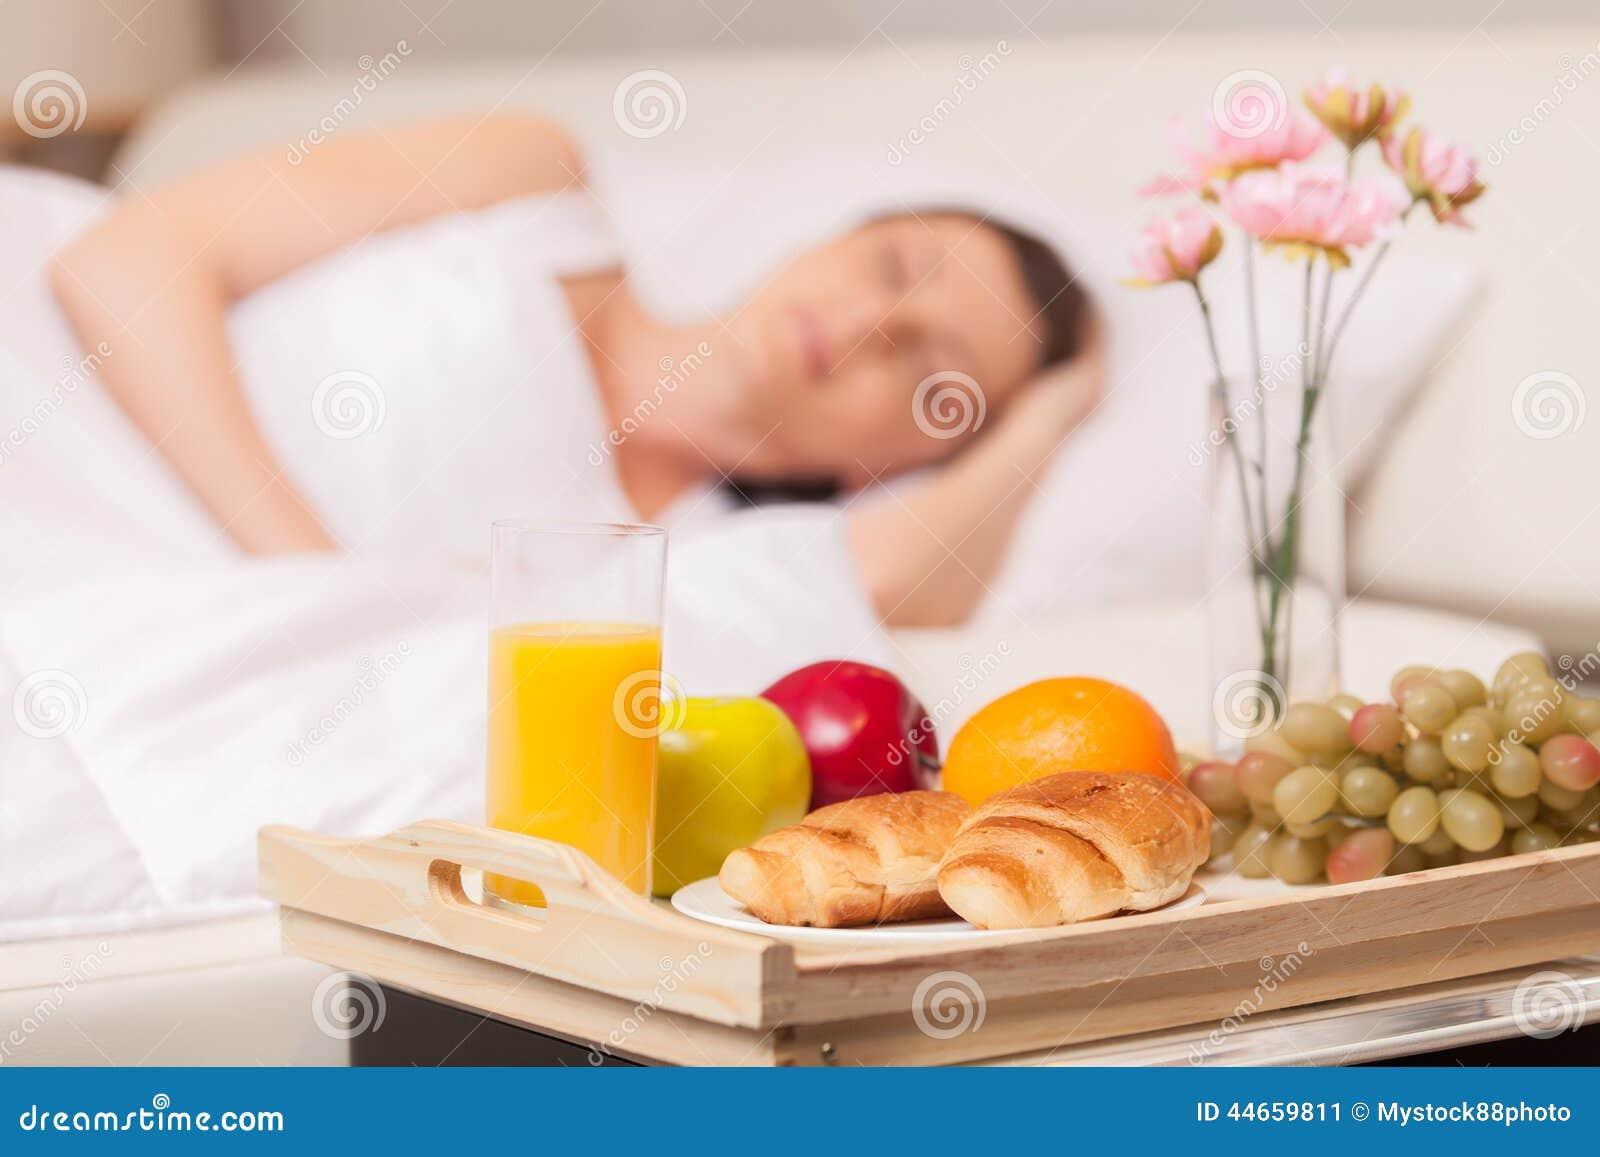 Donna bella con la prima colazione a letto presto immagine - Colazione a letto immagini ...